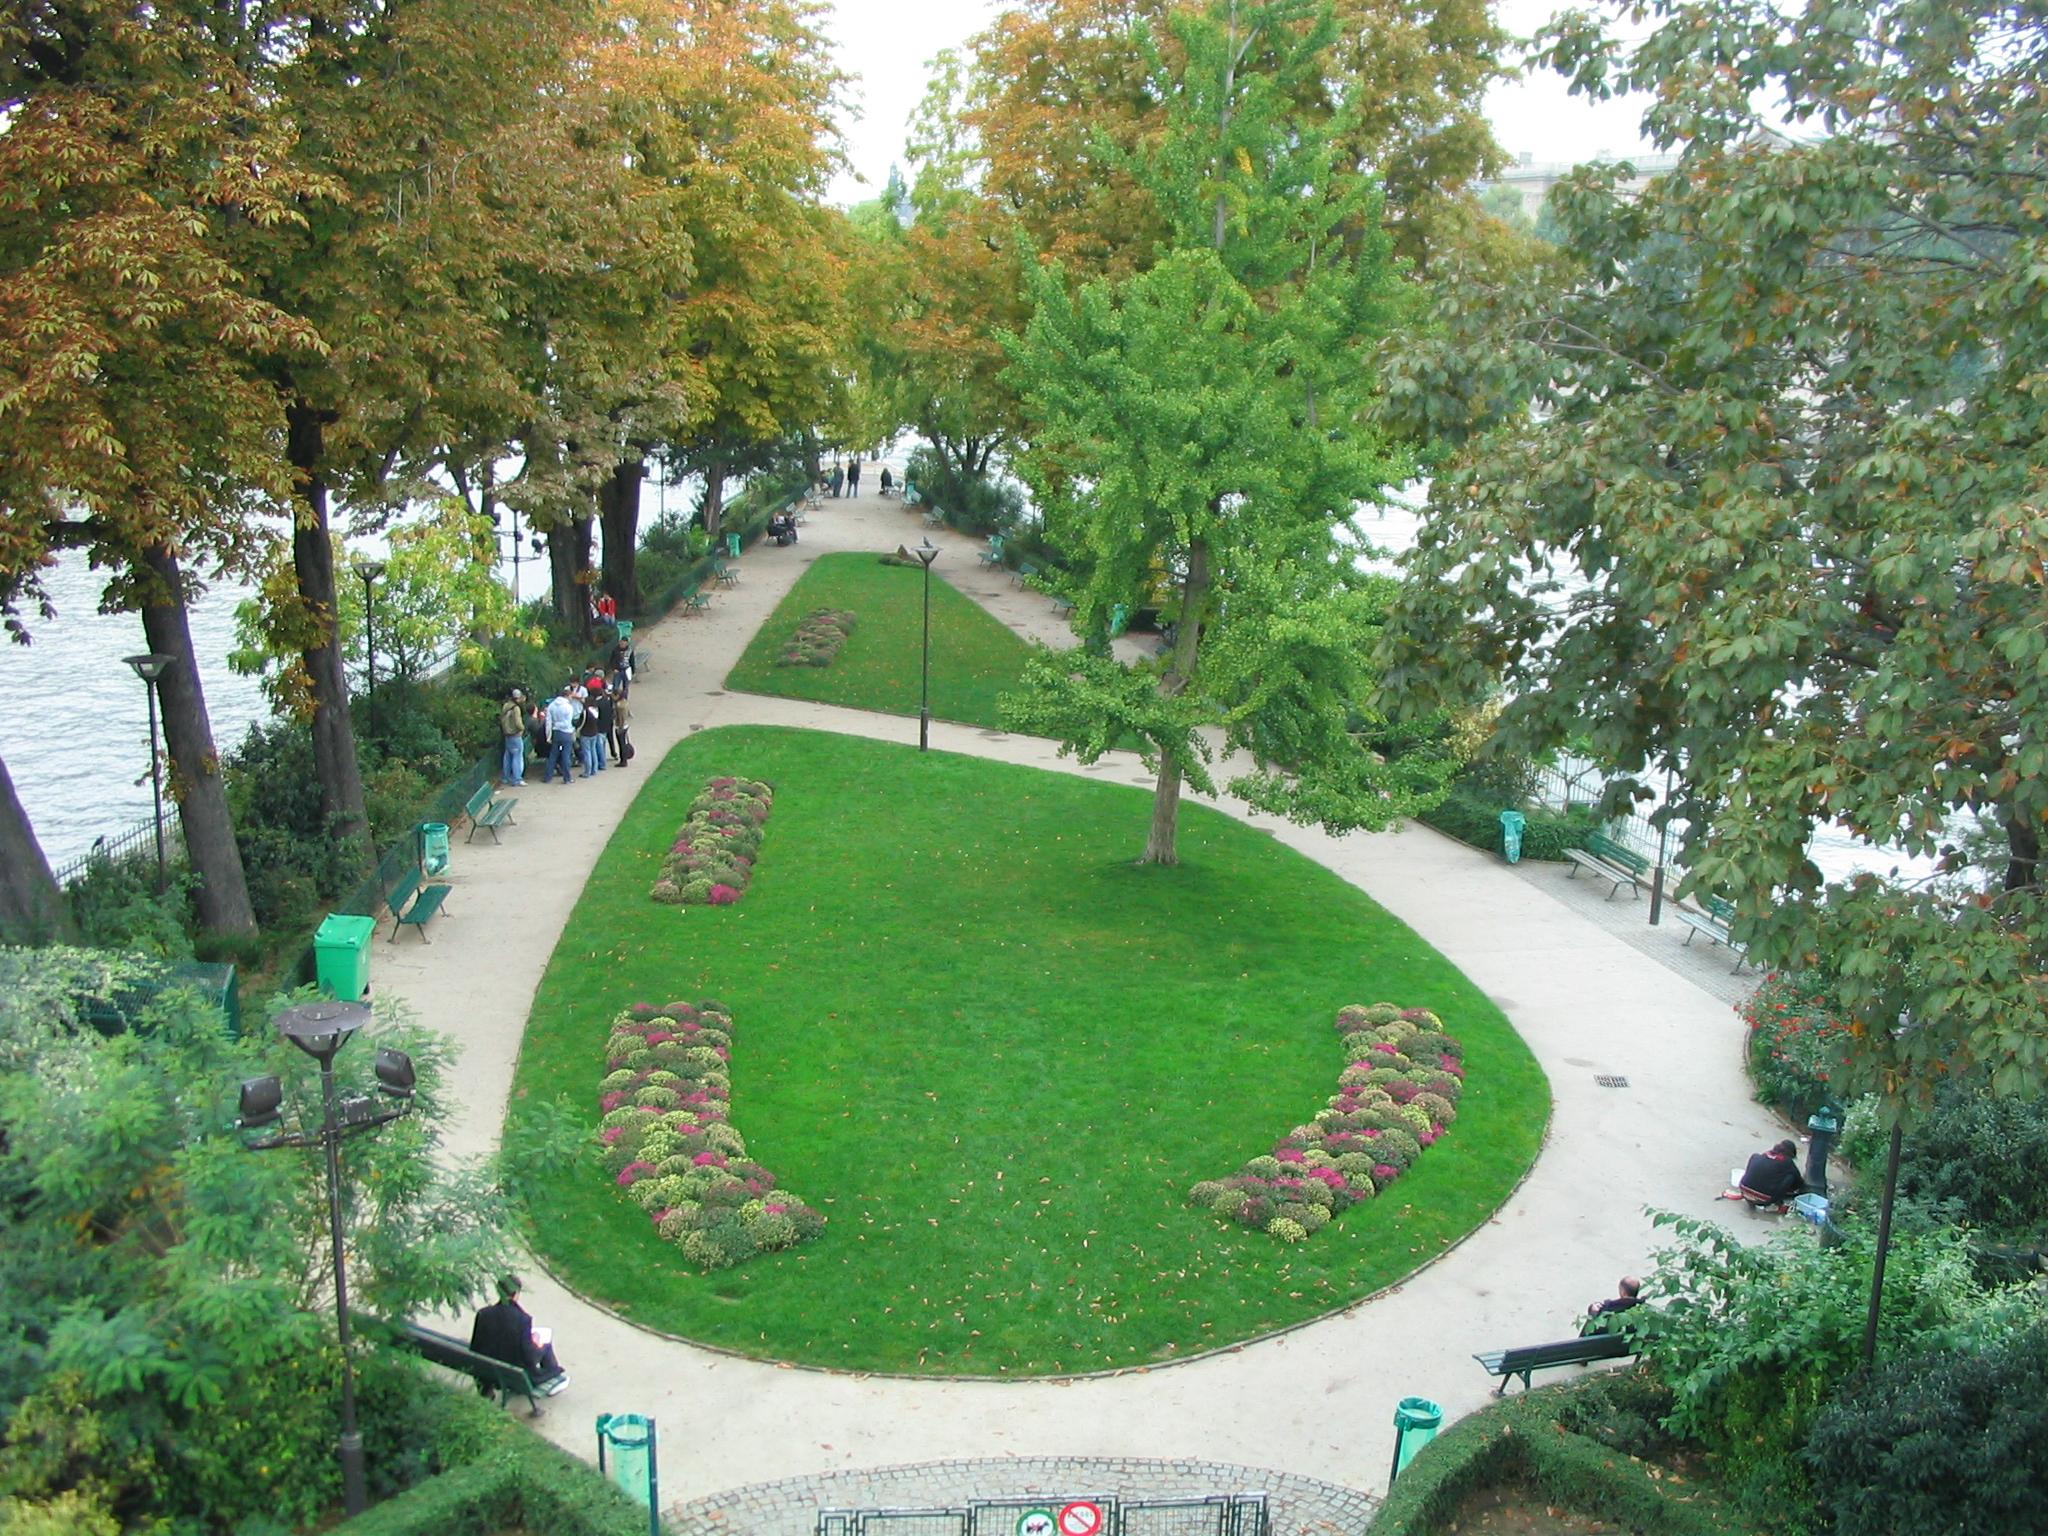 Liste des espaces verts de paris for Espace vert paris